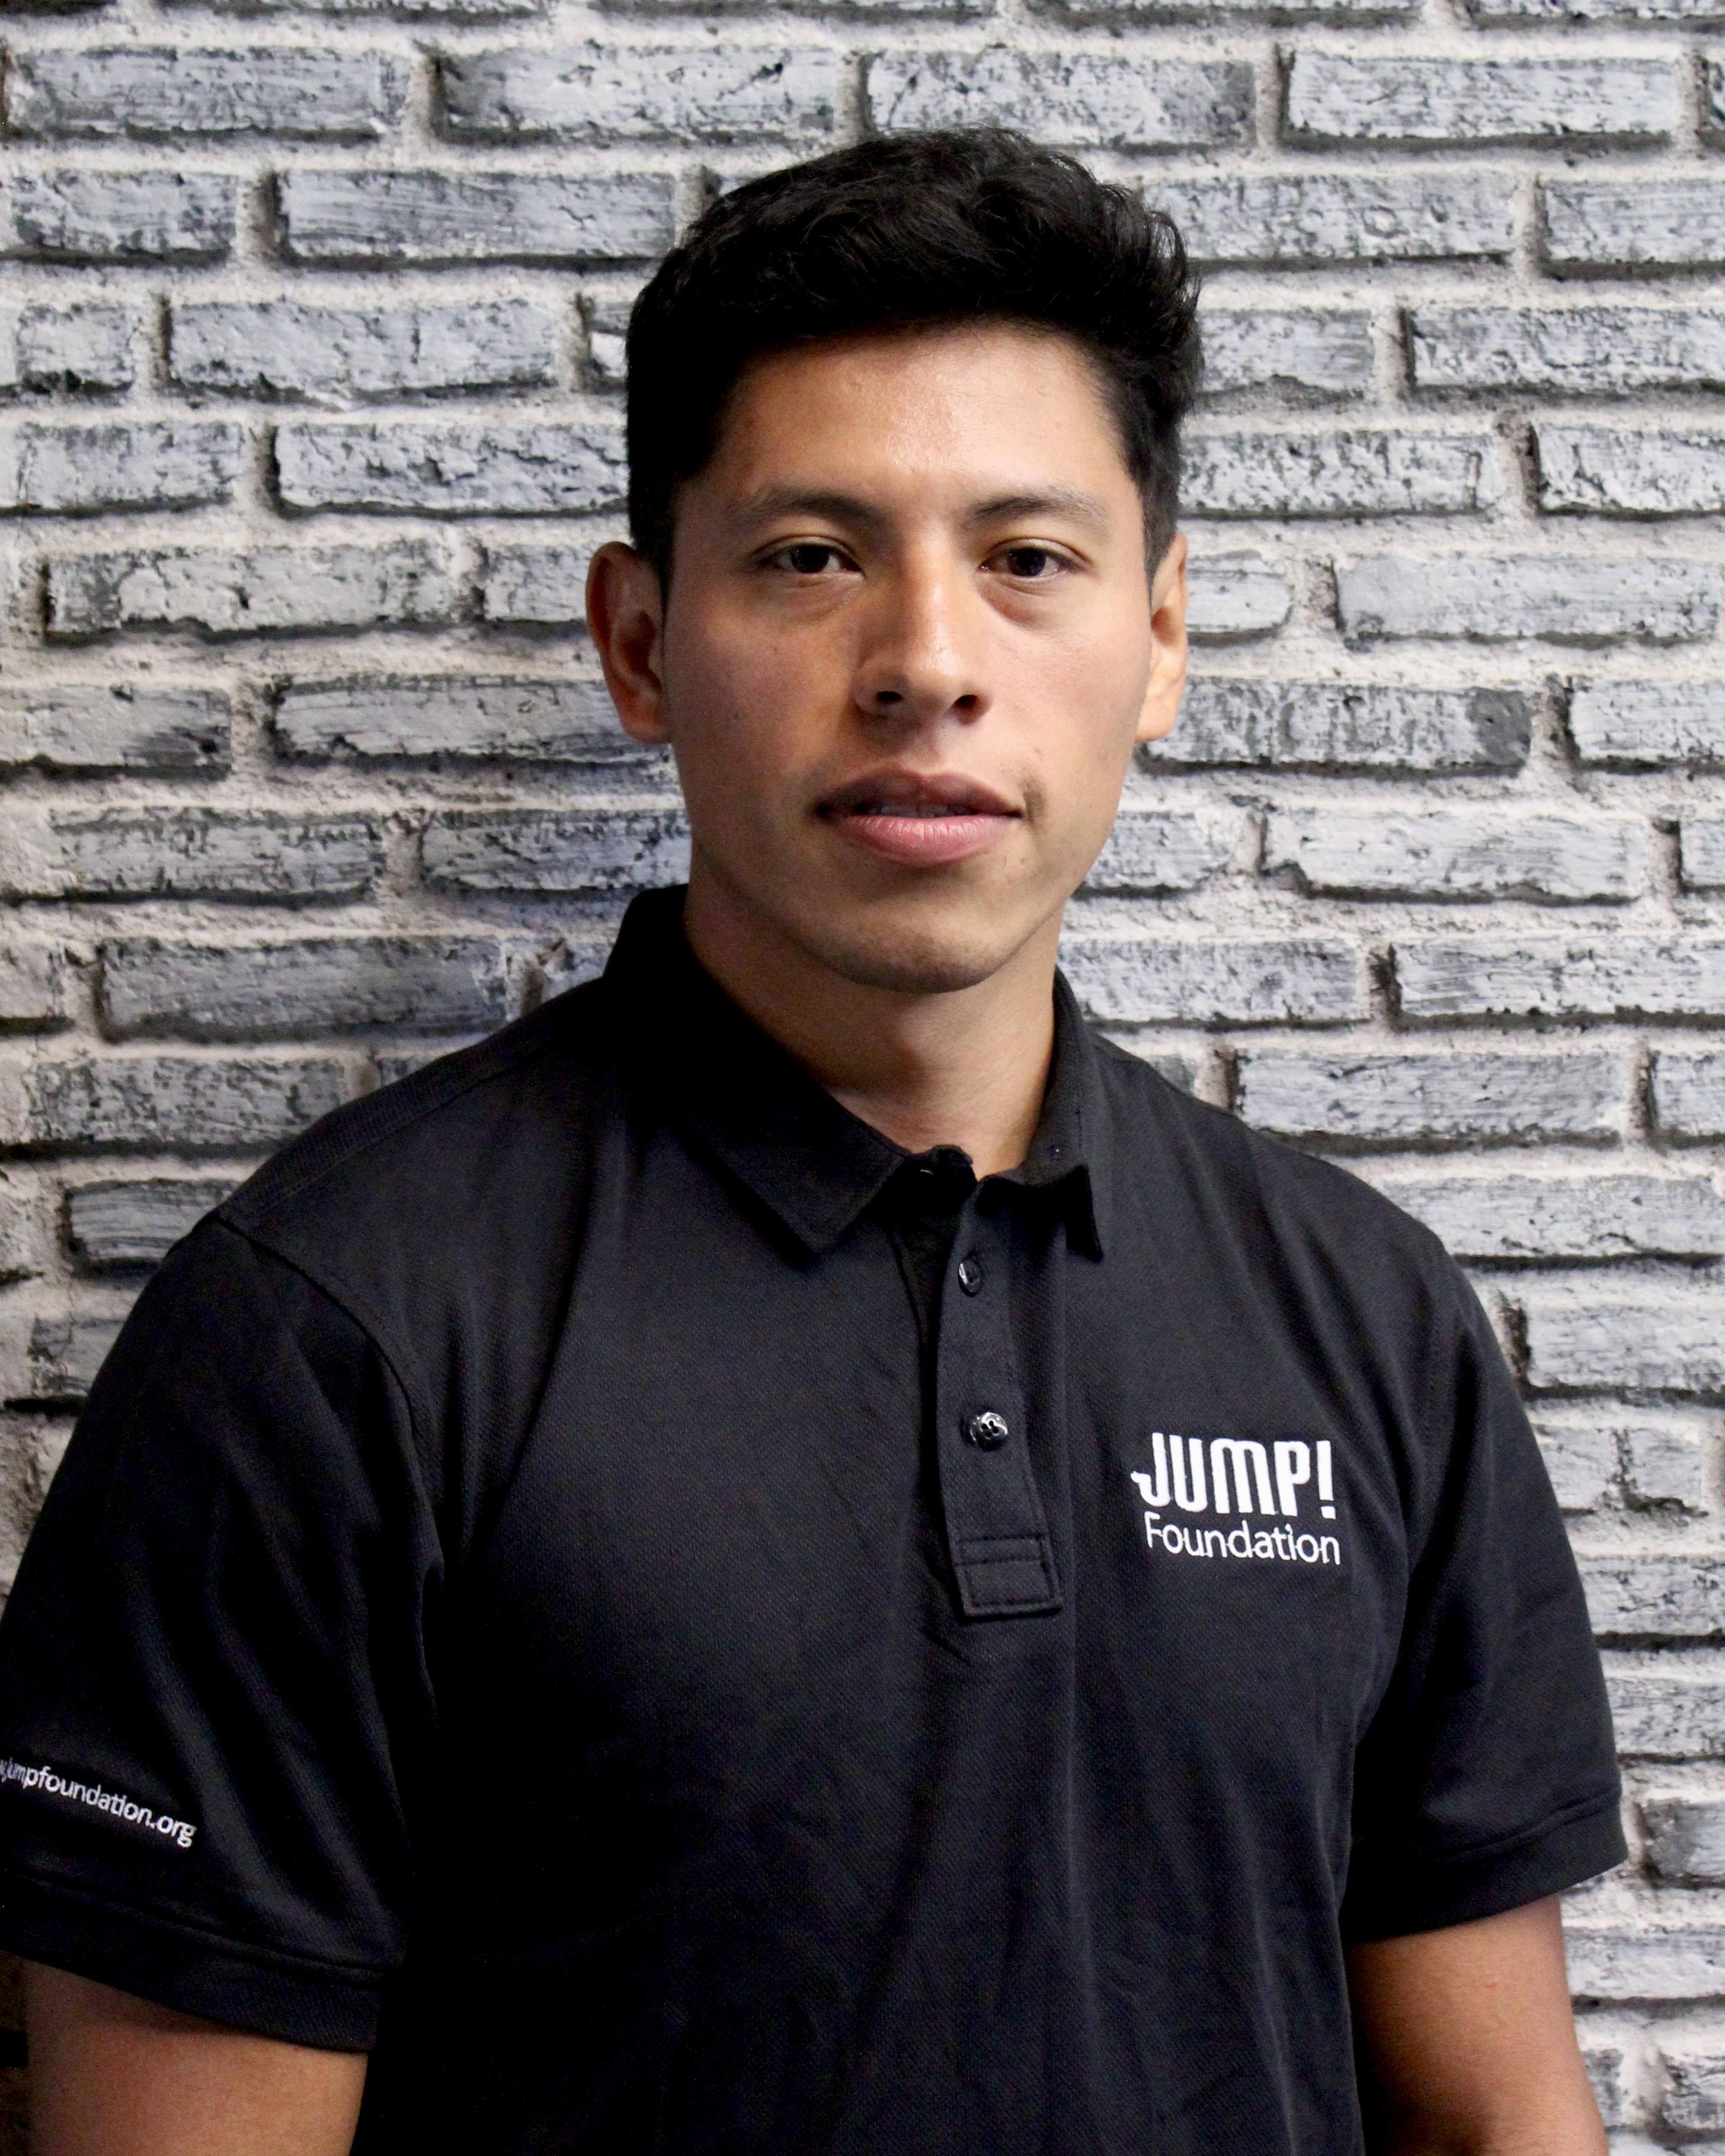 Manuel Olvera